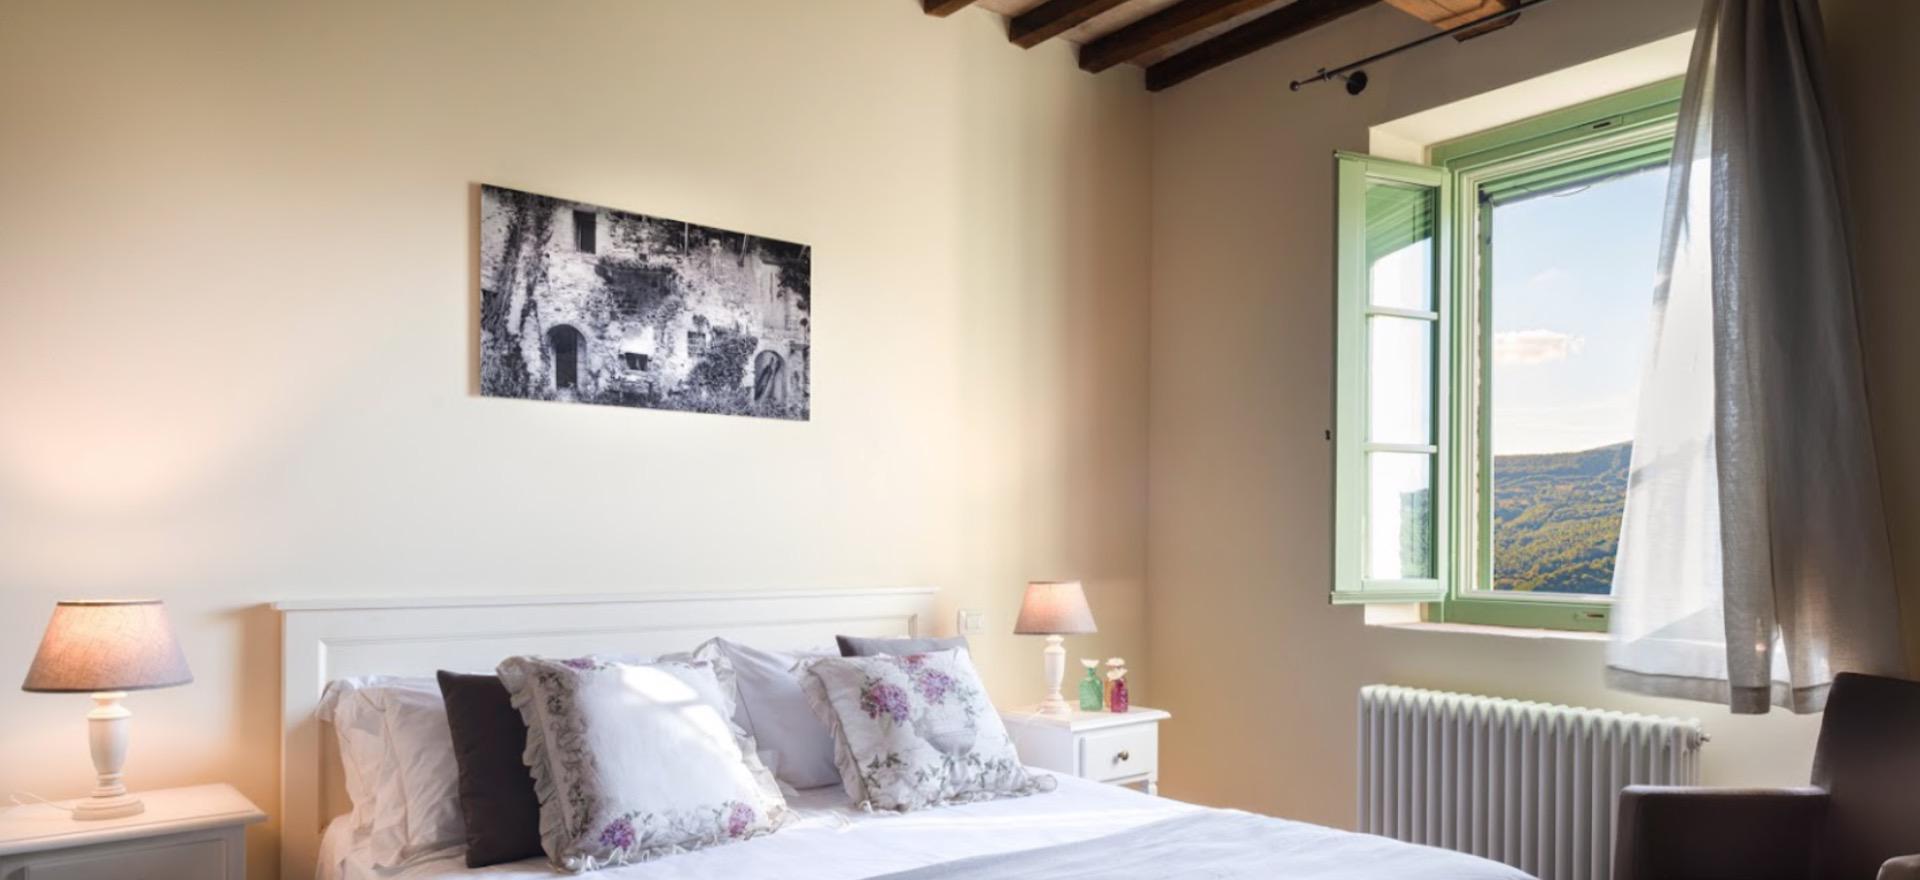 Familievriendelijk resort in het hart van Umbrië